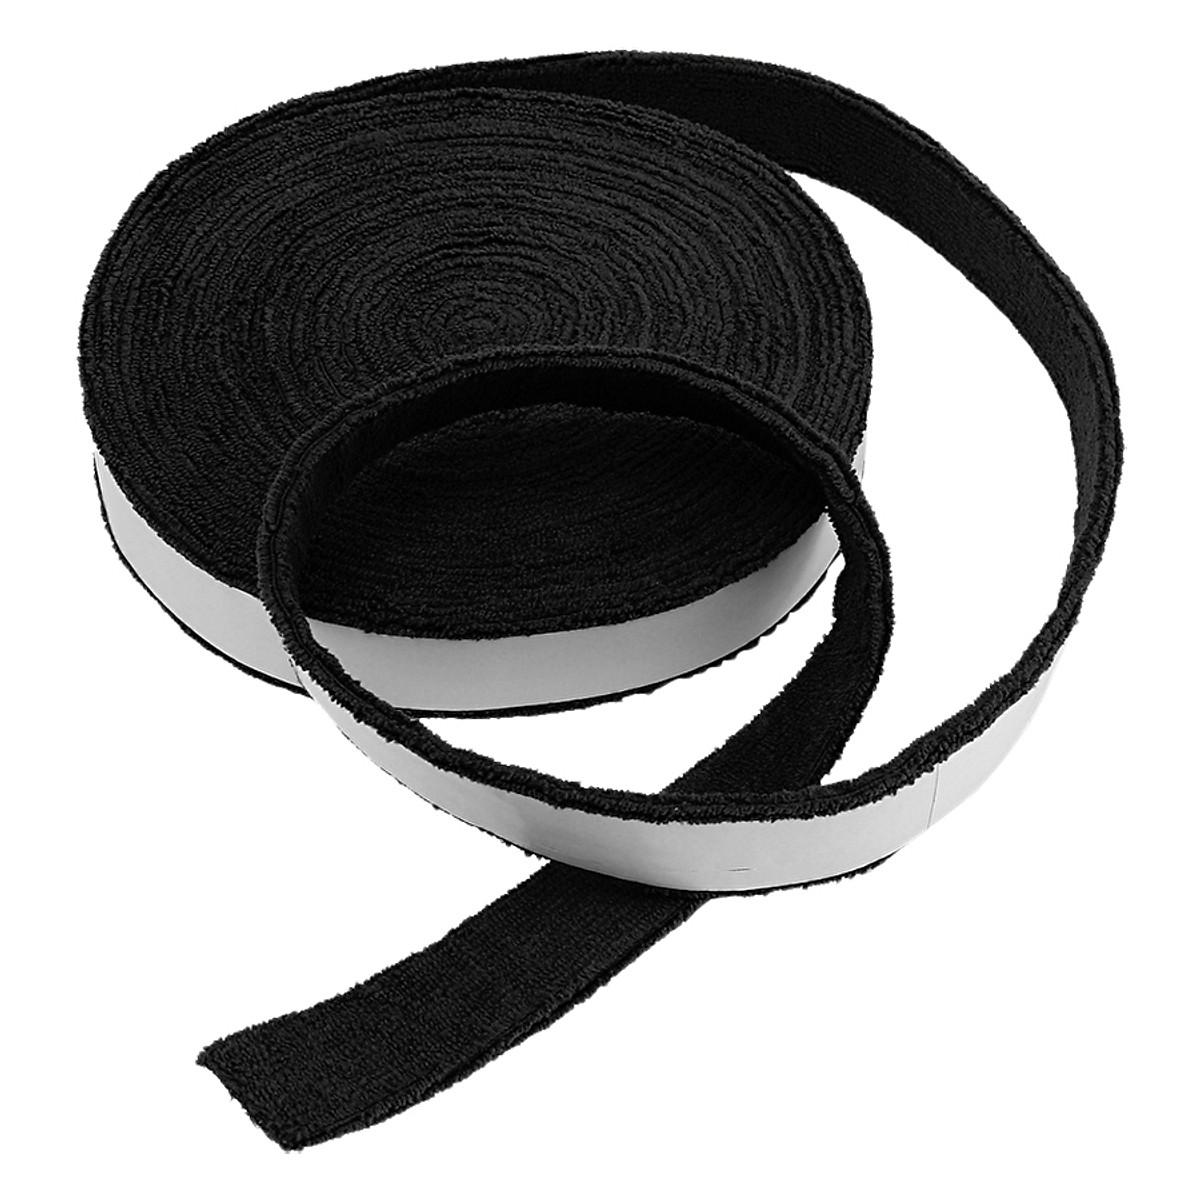 Cuộn Vải Quấn Cán Cầu Lông Popo Sports (1.1m) - 2